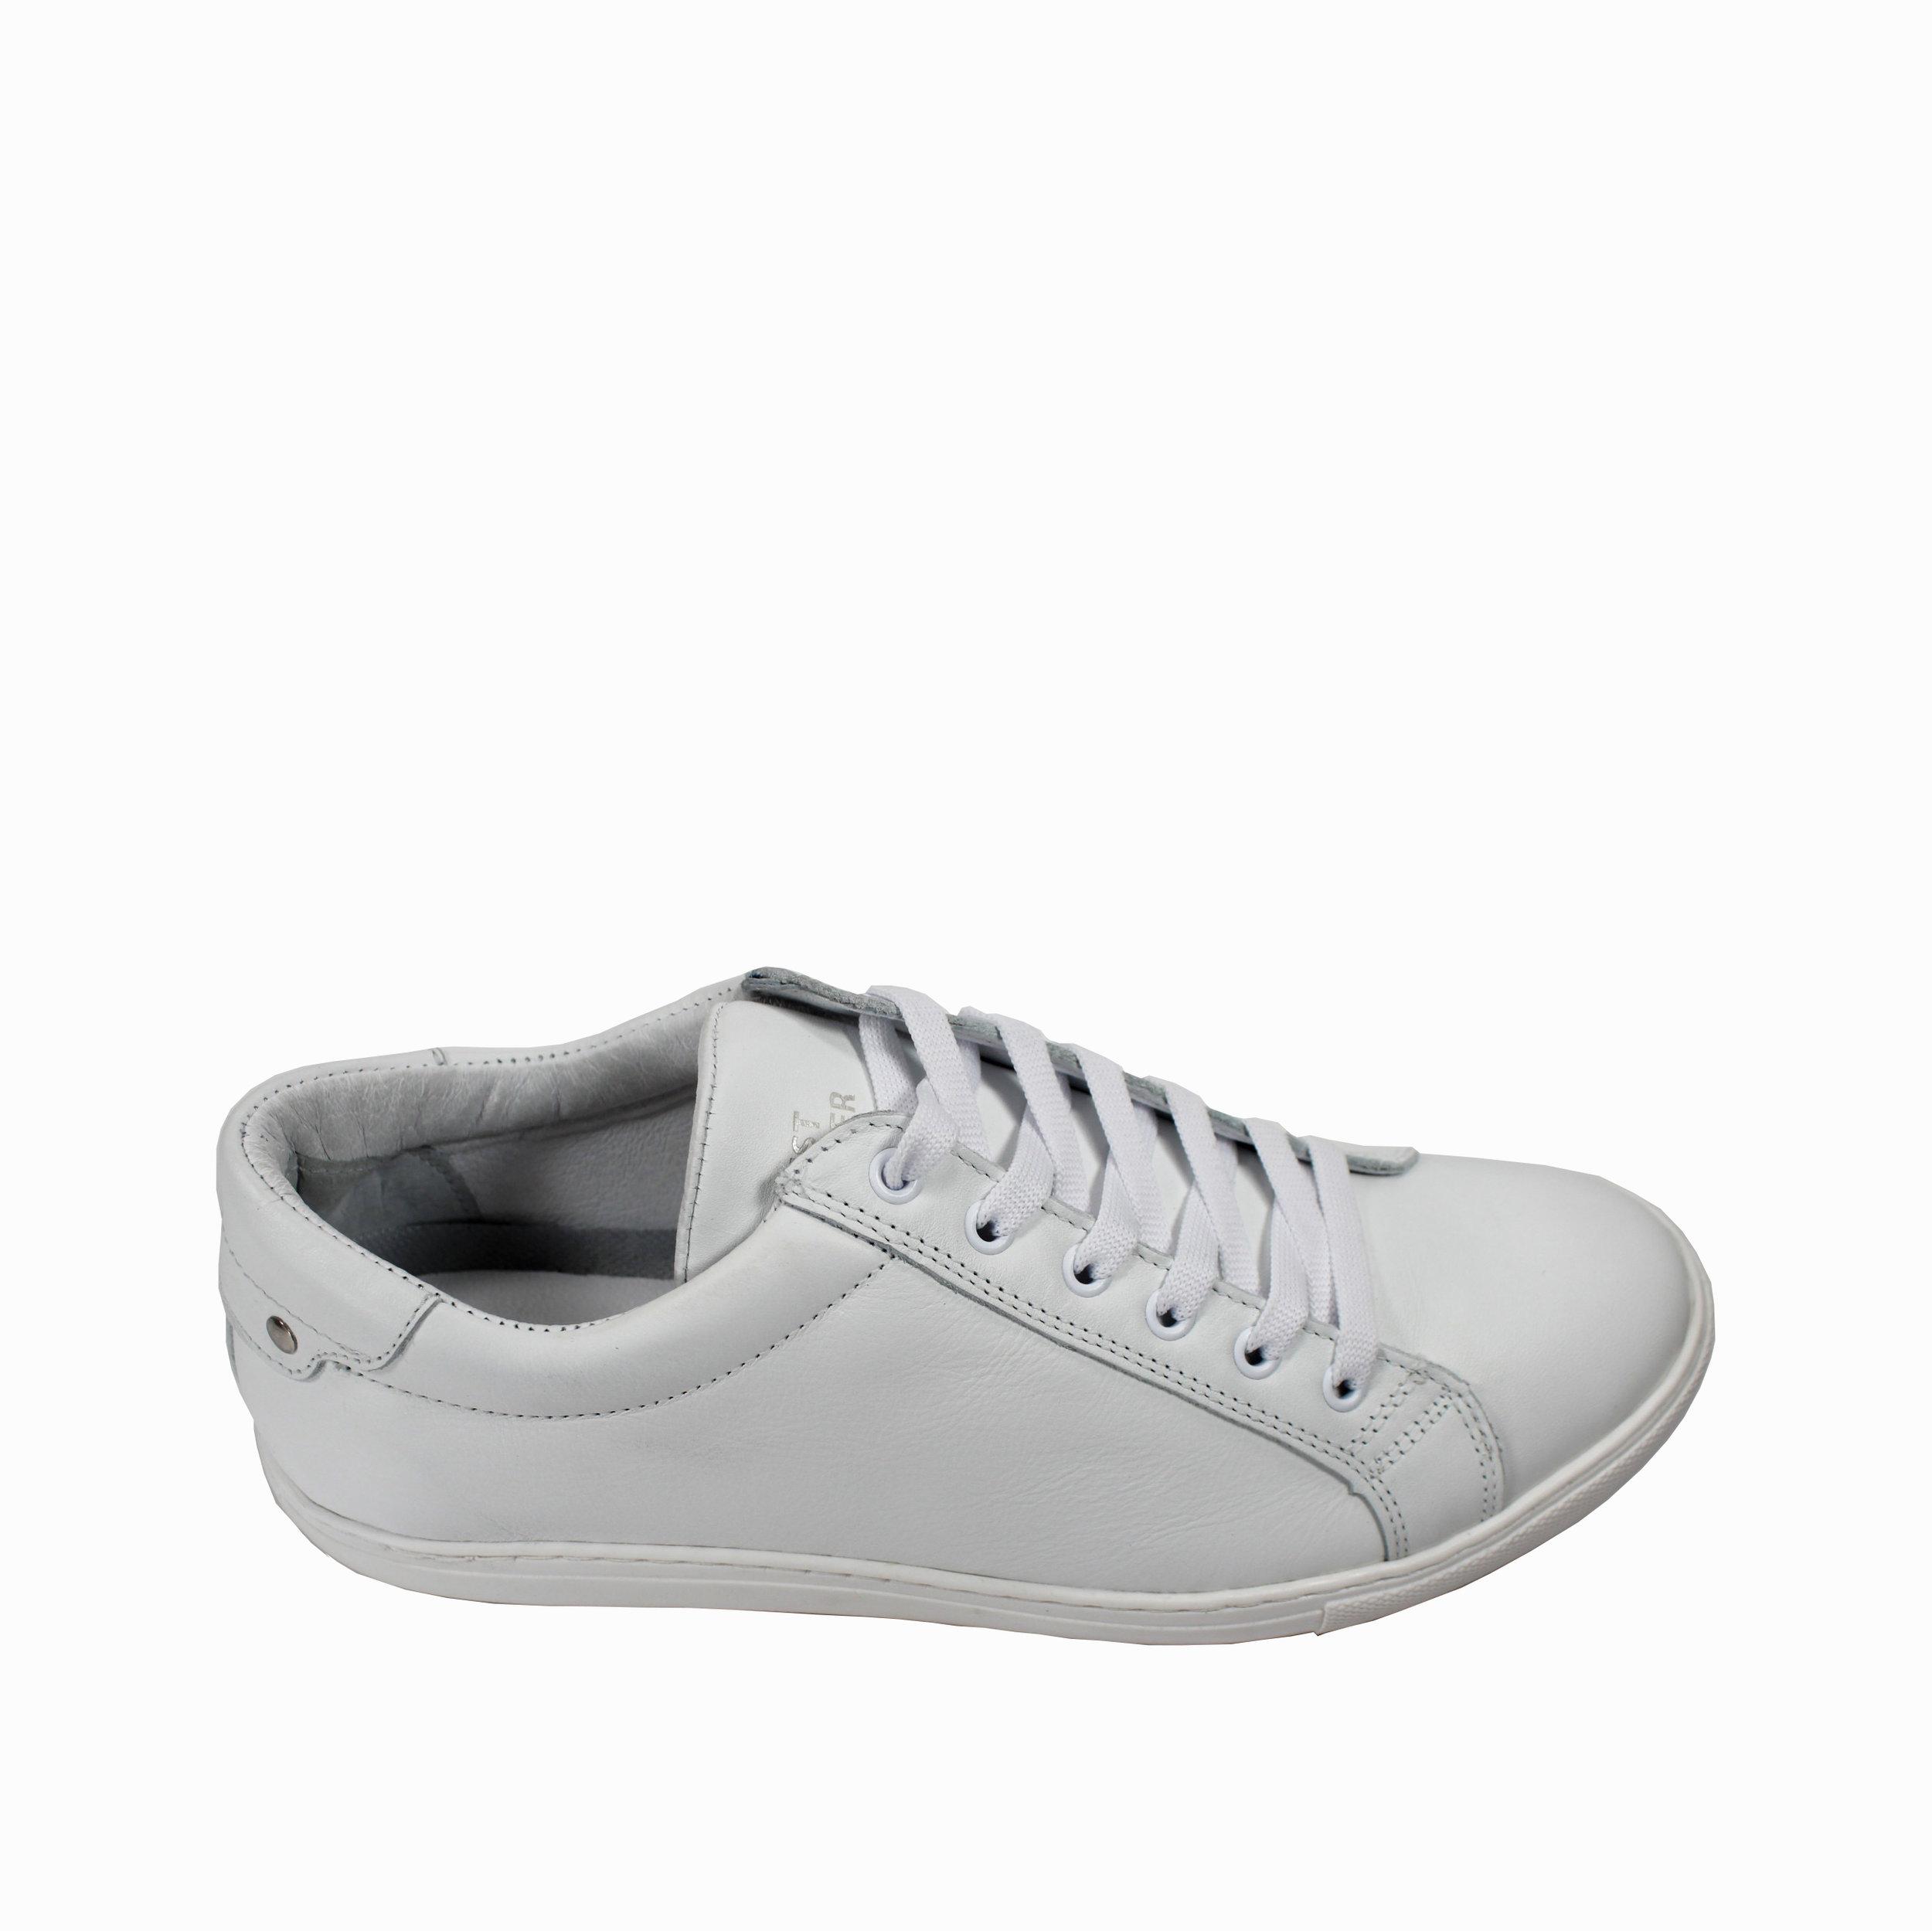 final shoe 2.jpg